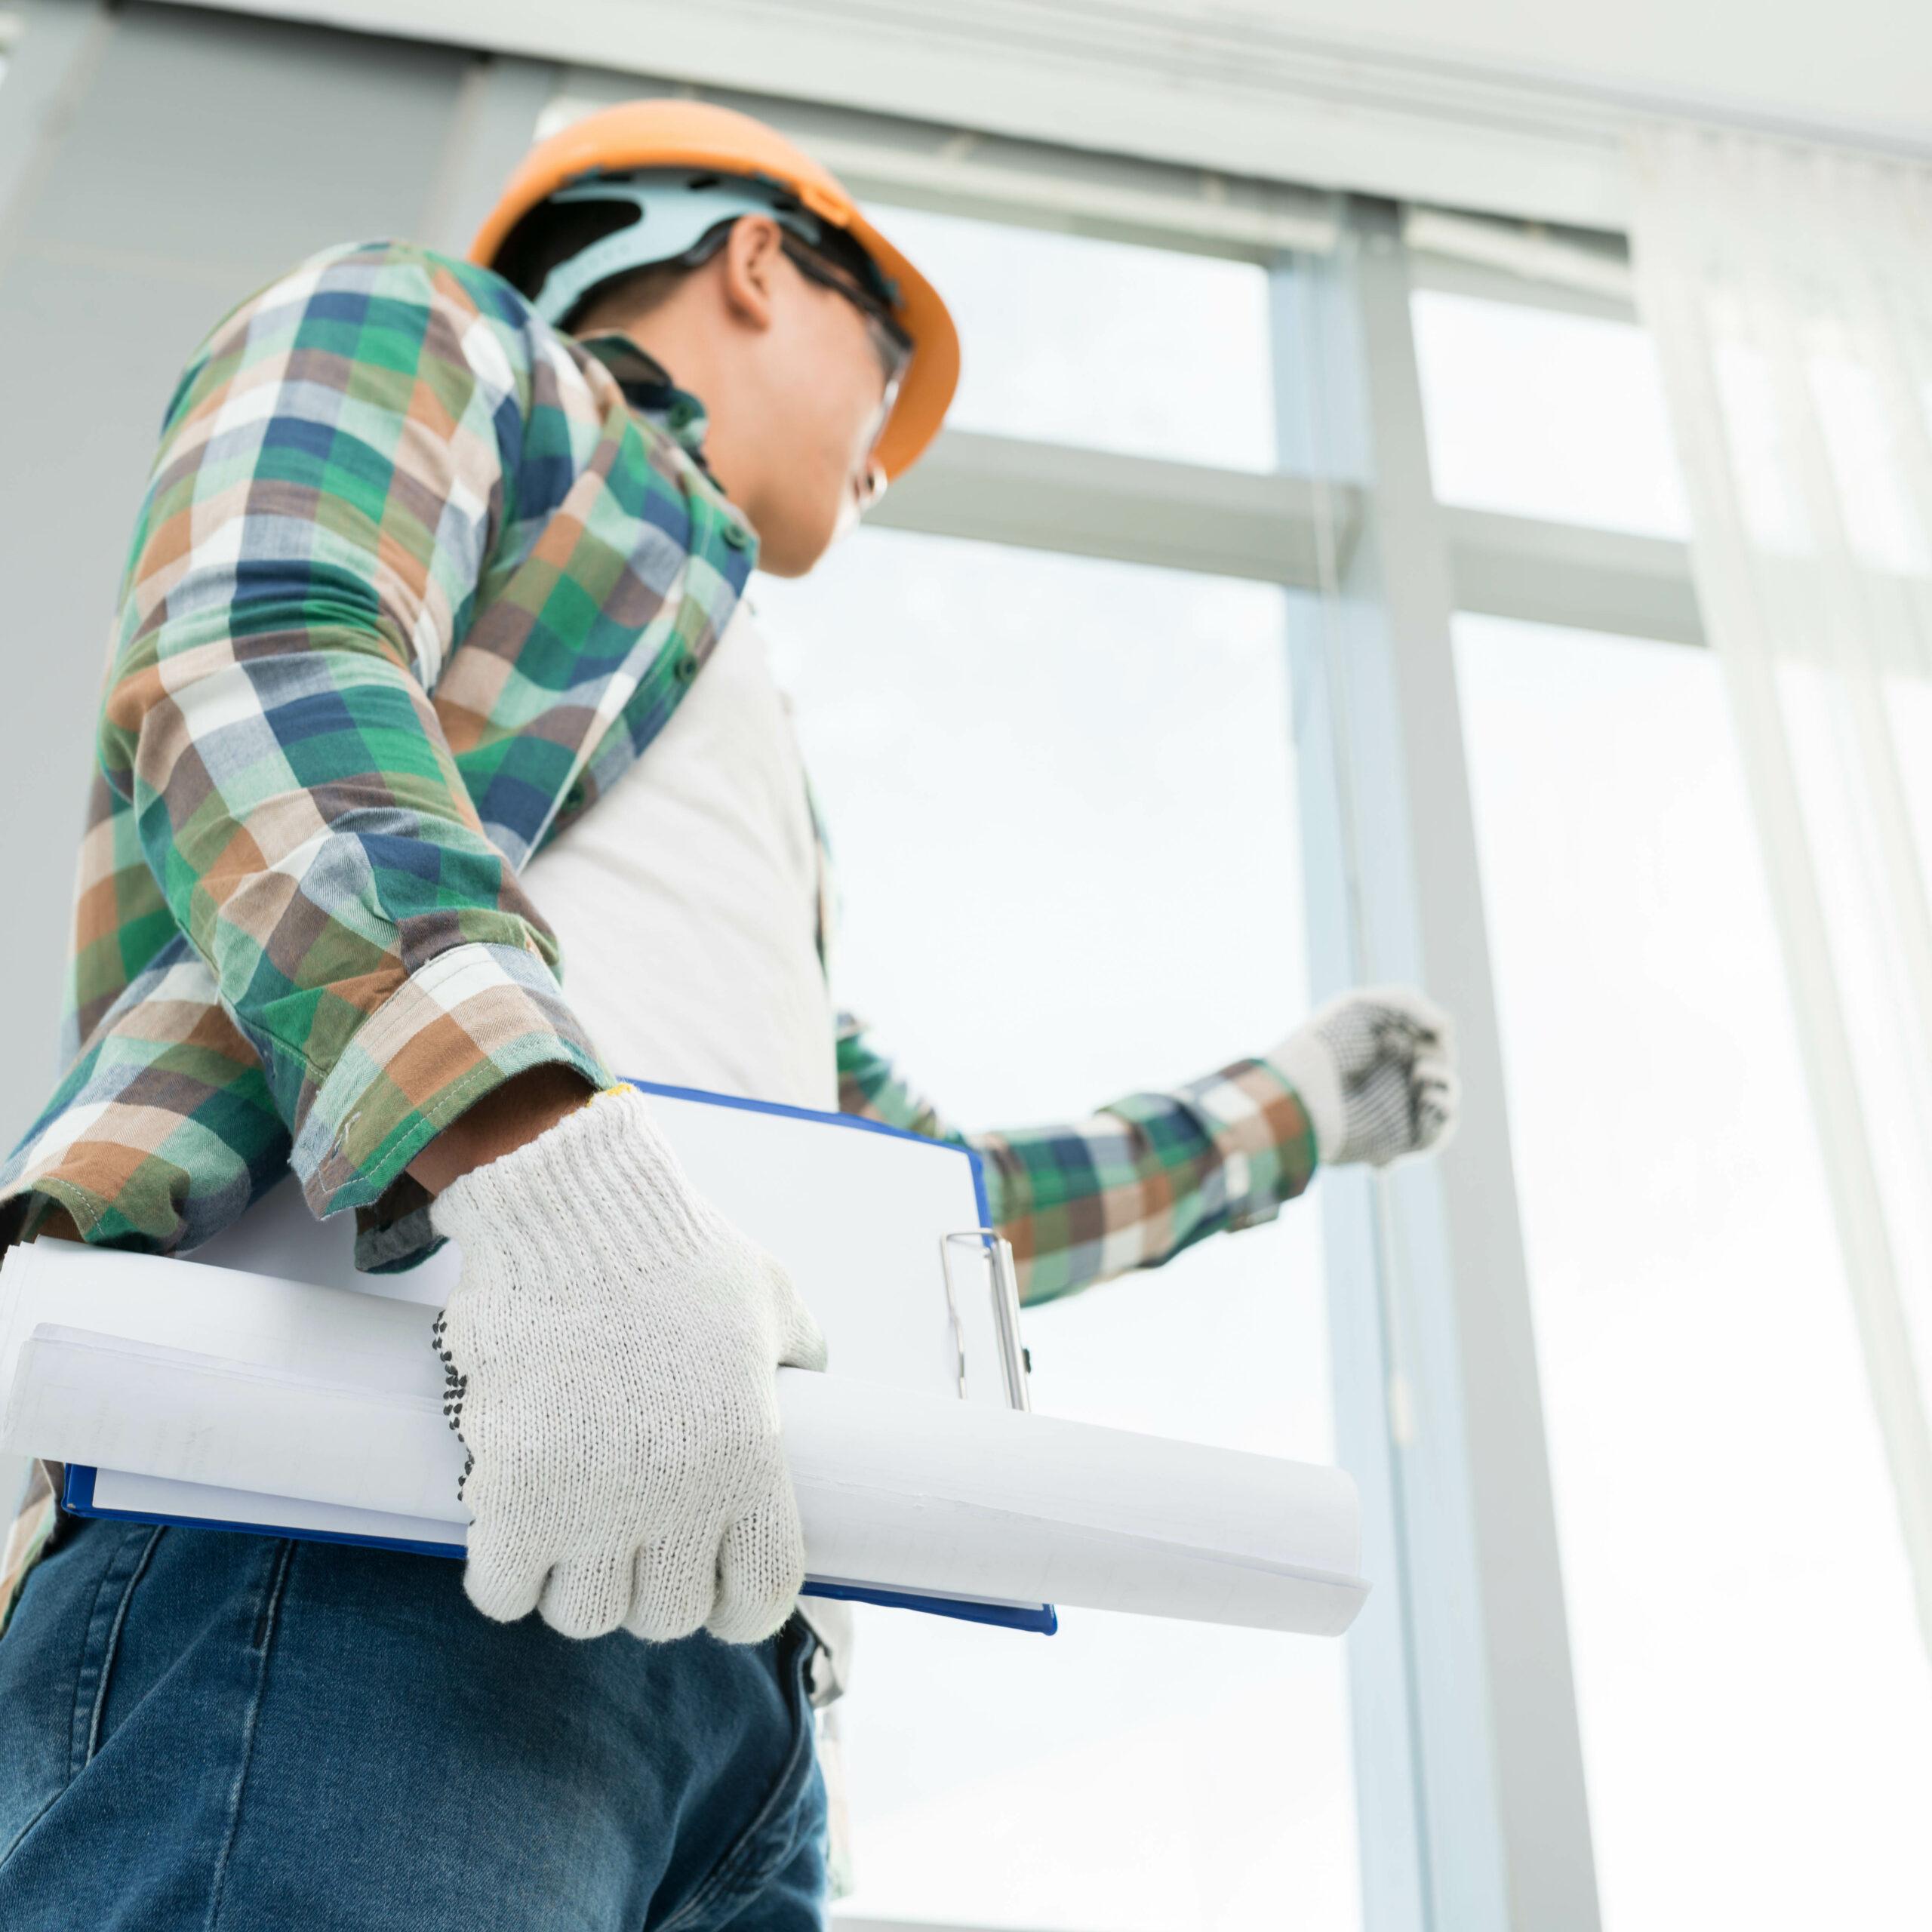 Проверить окна от застройщика